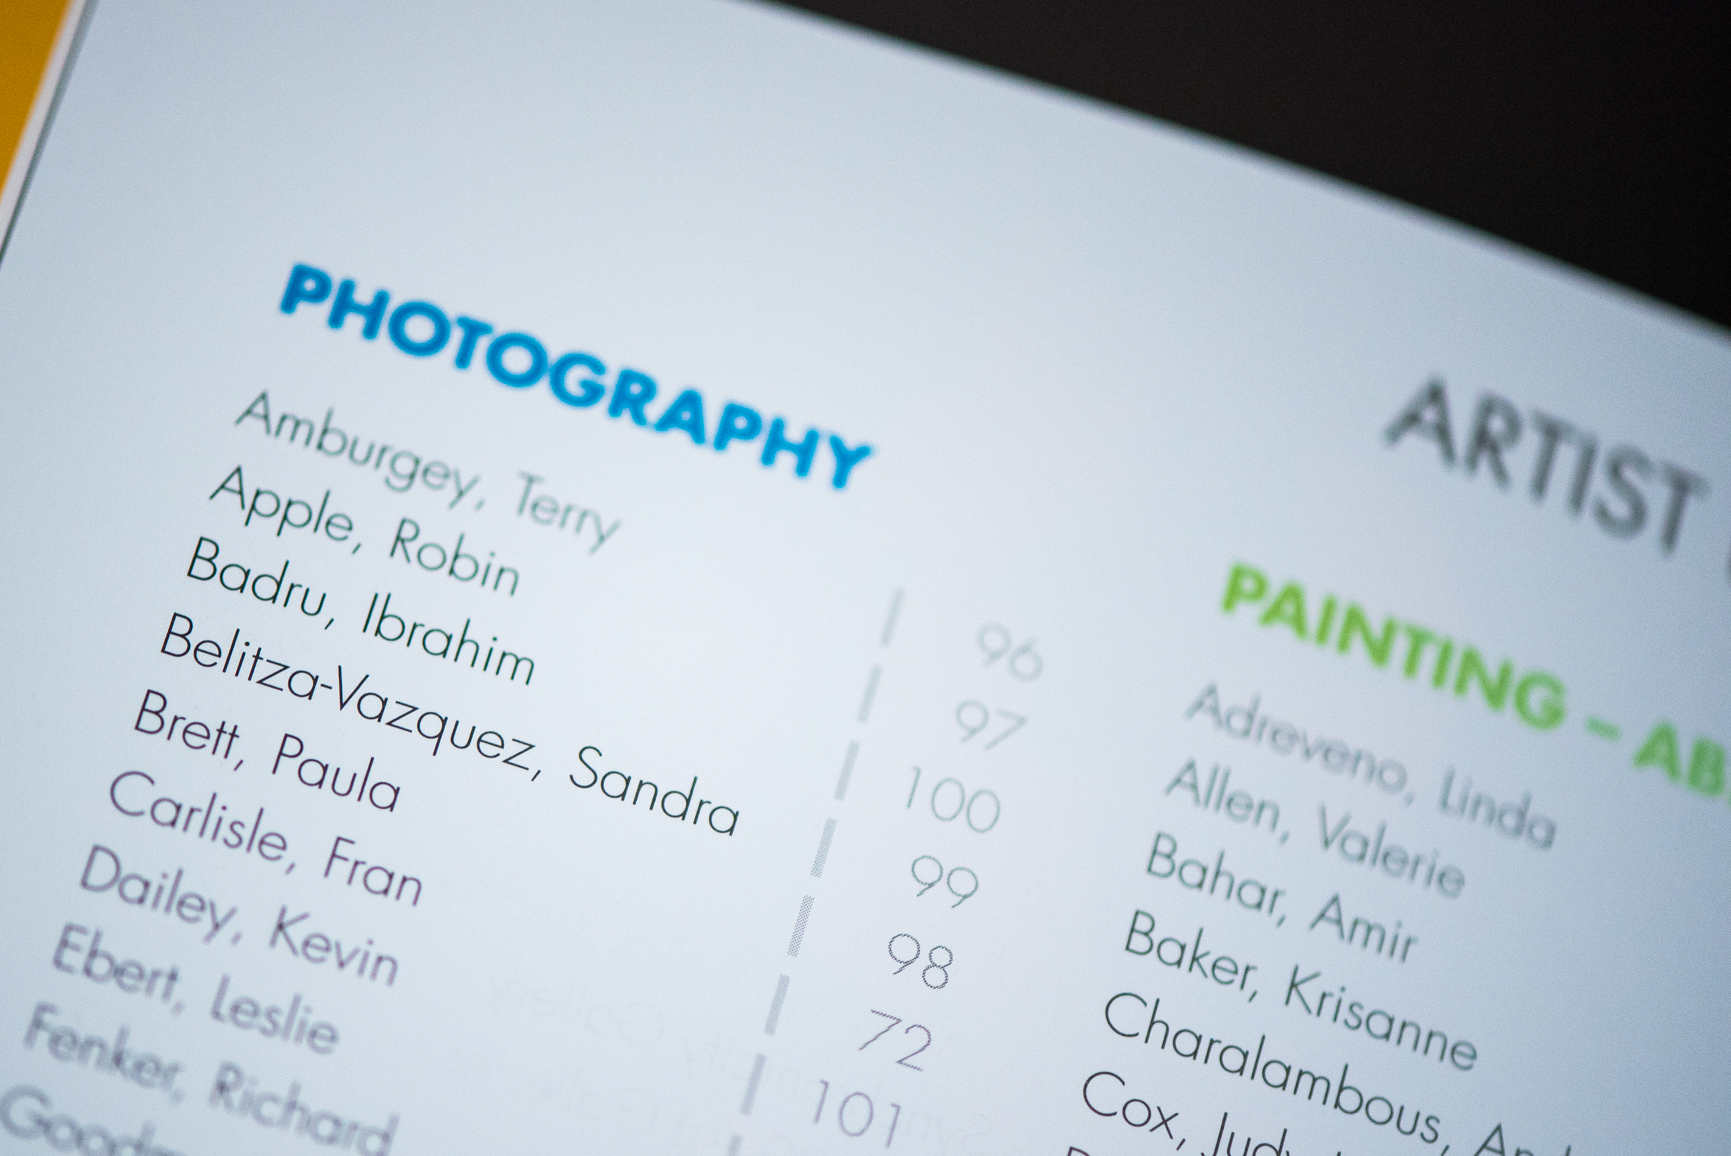 eyeobee art - Blink art resource - Ibrahim Badru-6.jpg